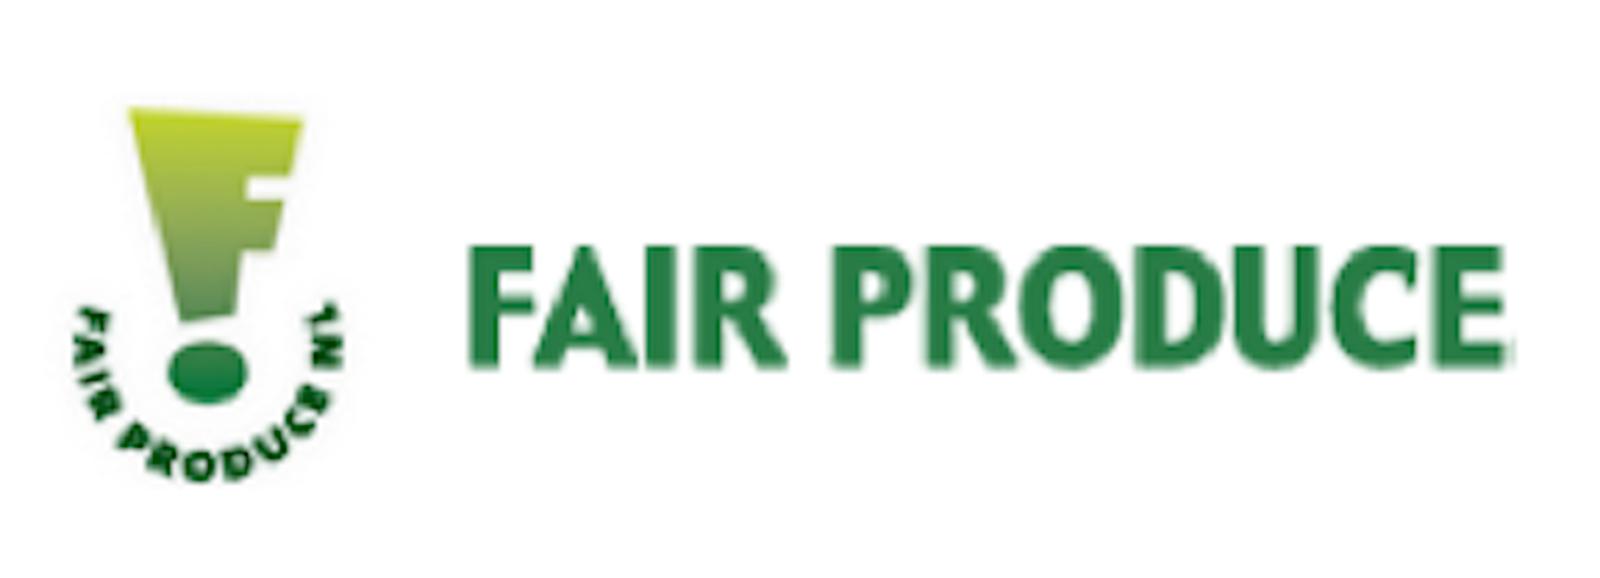 FairProduce